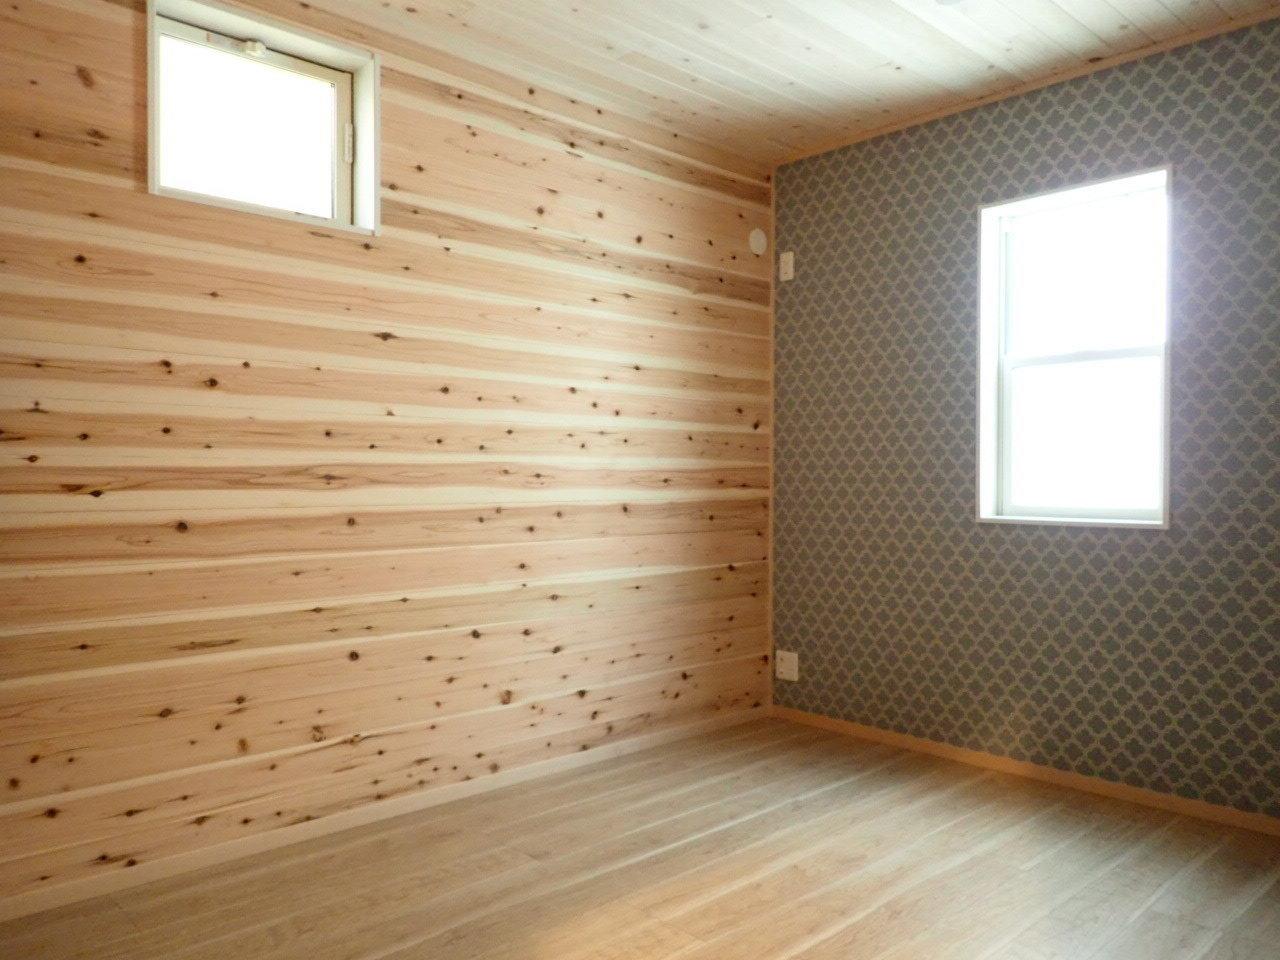 どこの部屋も壁紙にこだわりが。壁が木目だと、グリーンの植物などがよく映えそうです。